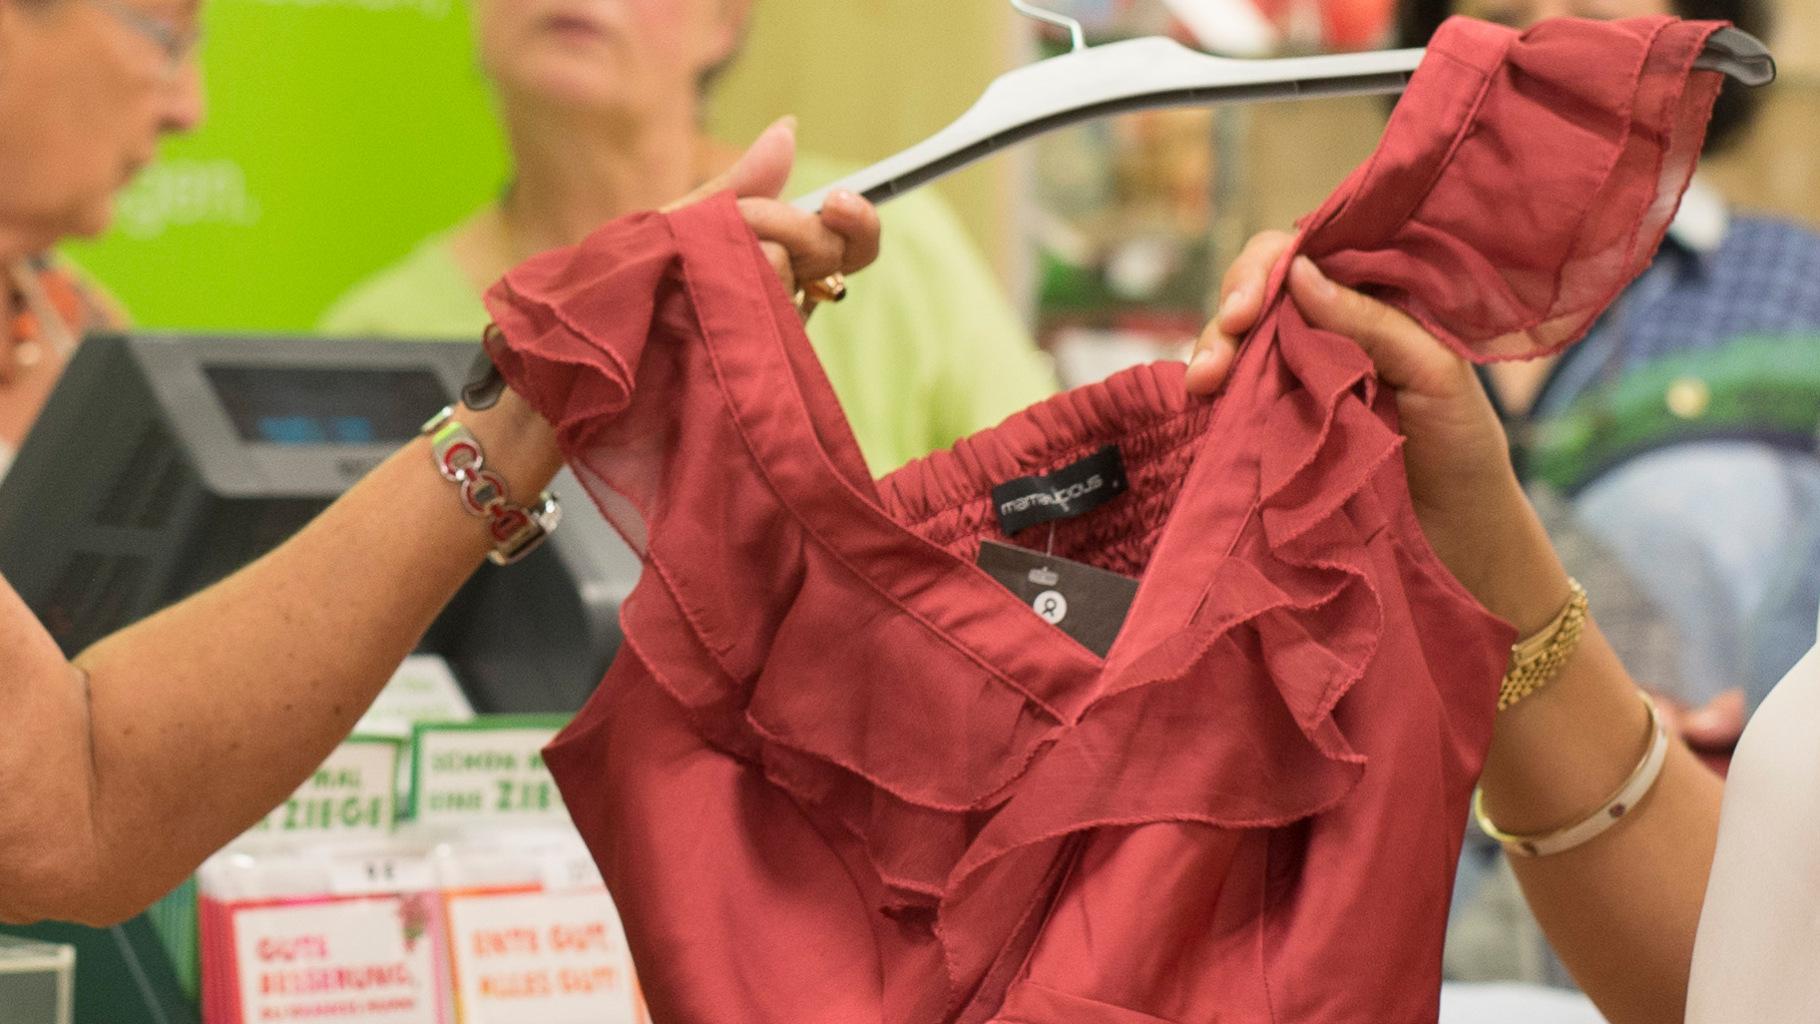 Sommerkleider gibt es im Oxfam Shop